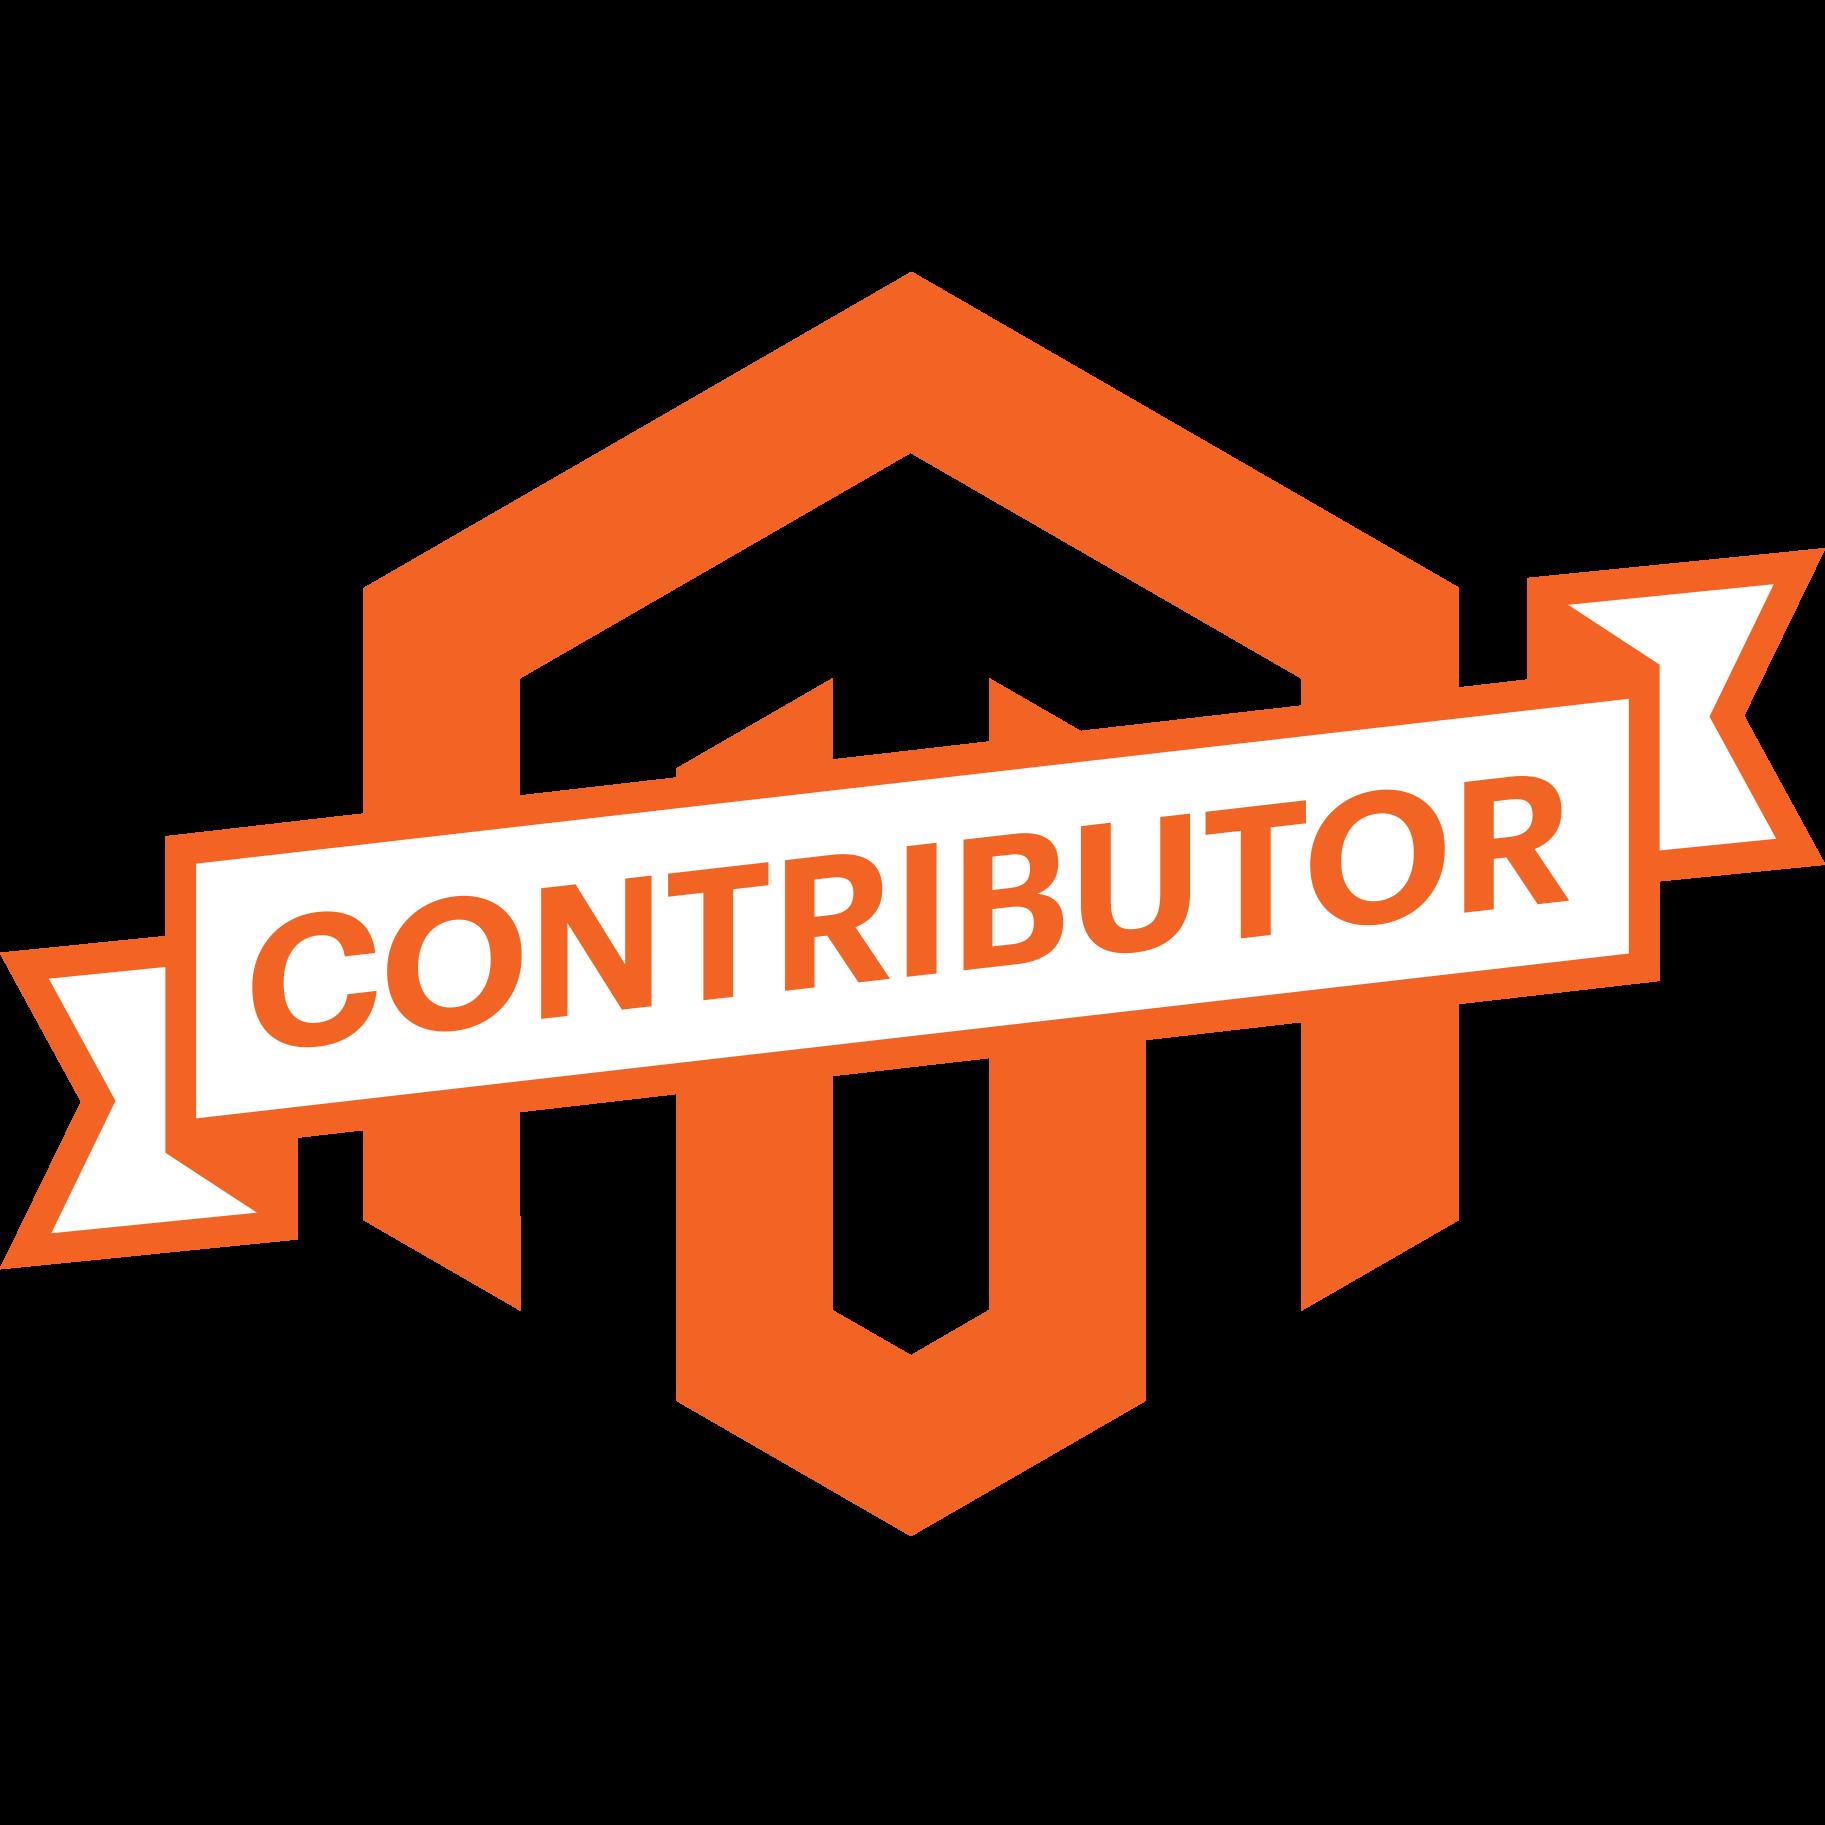 contributor-logo-square-magento